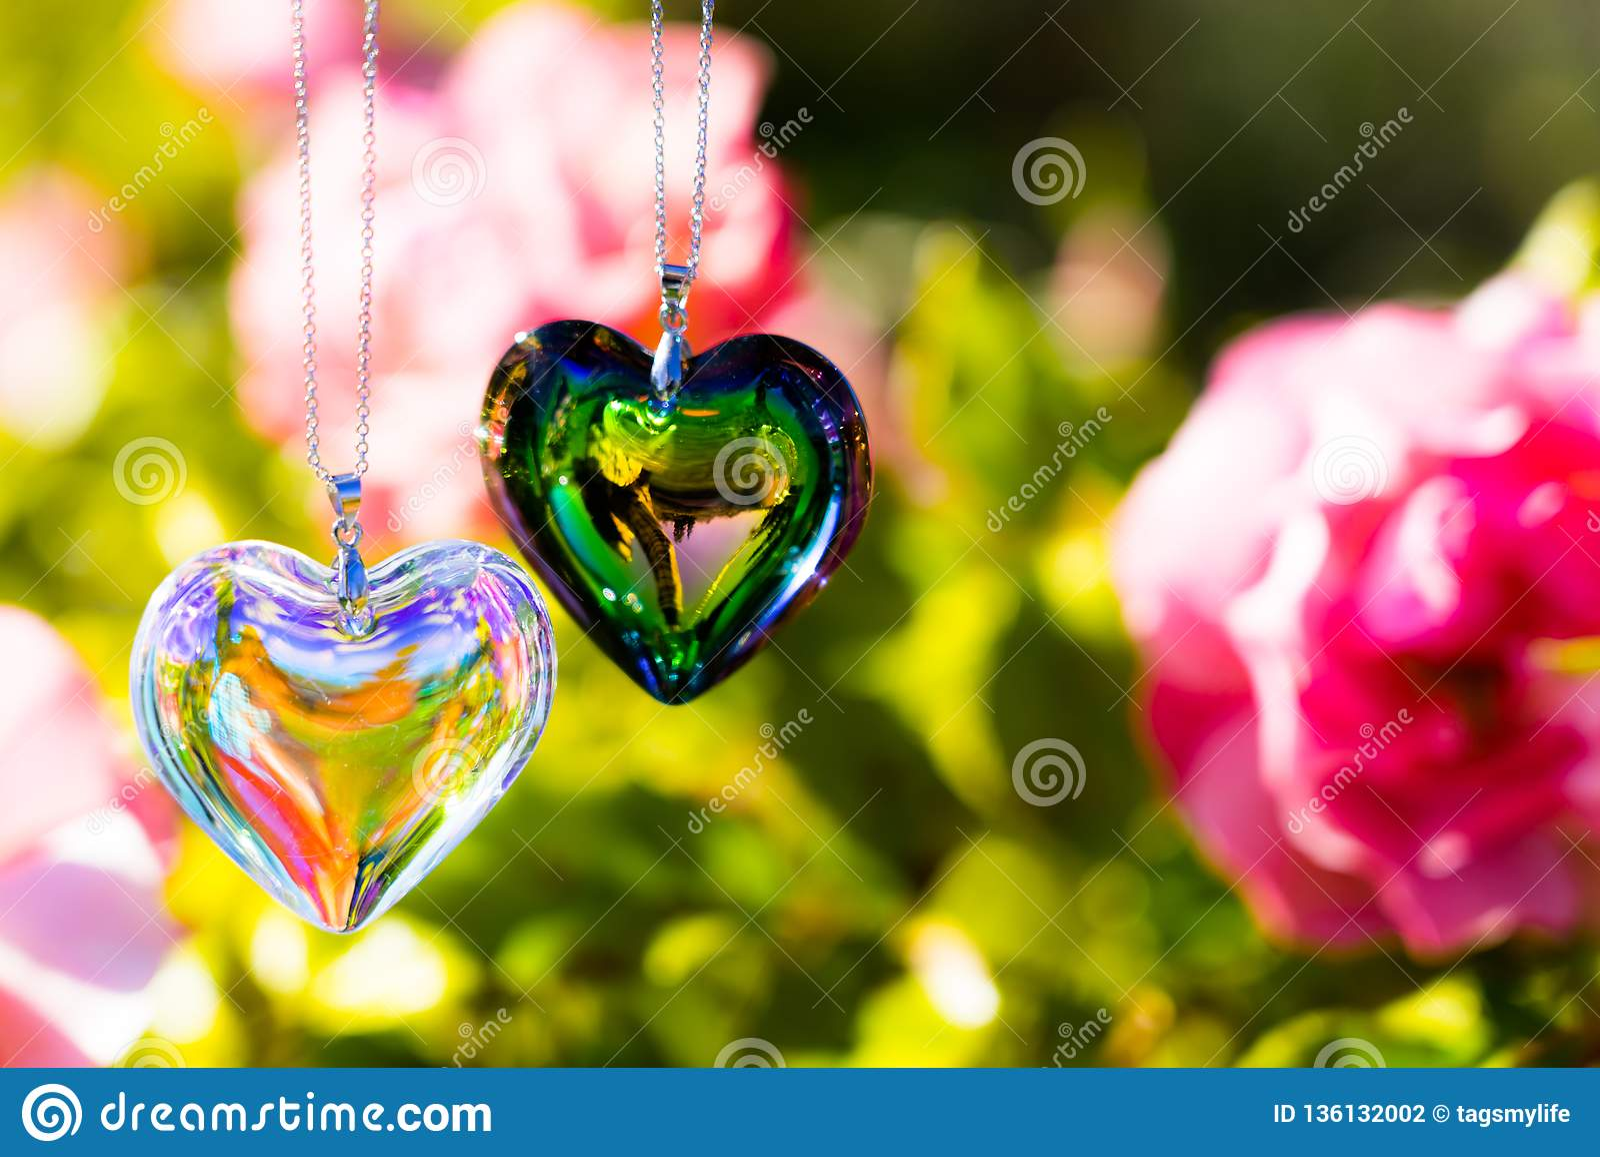 O cristal do coração refrata a luz solar - cristal do backgroundheart do pulso de disparo da luz solar refratar a luz solar - fun